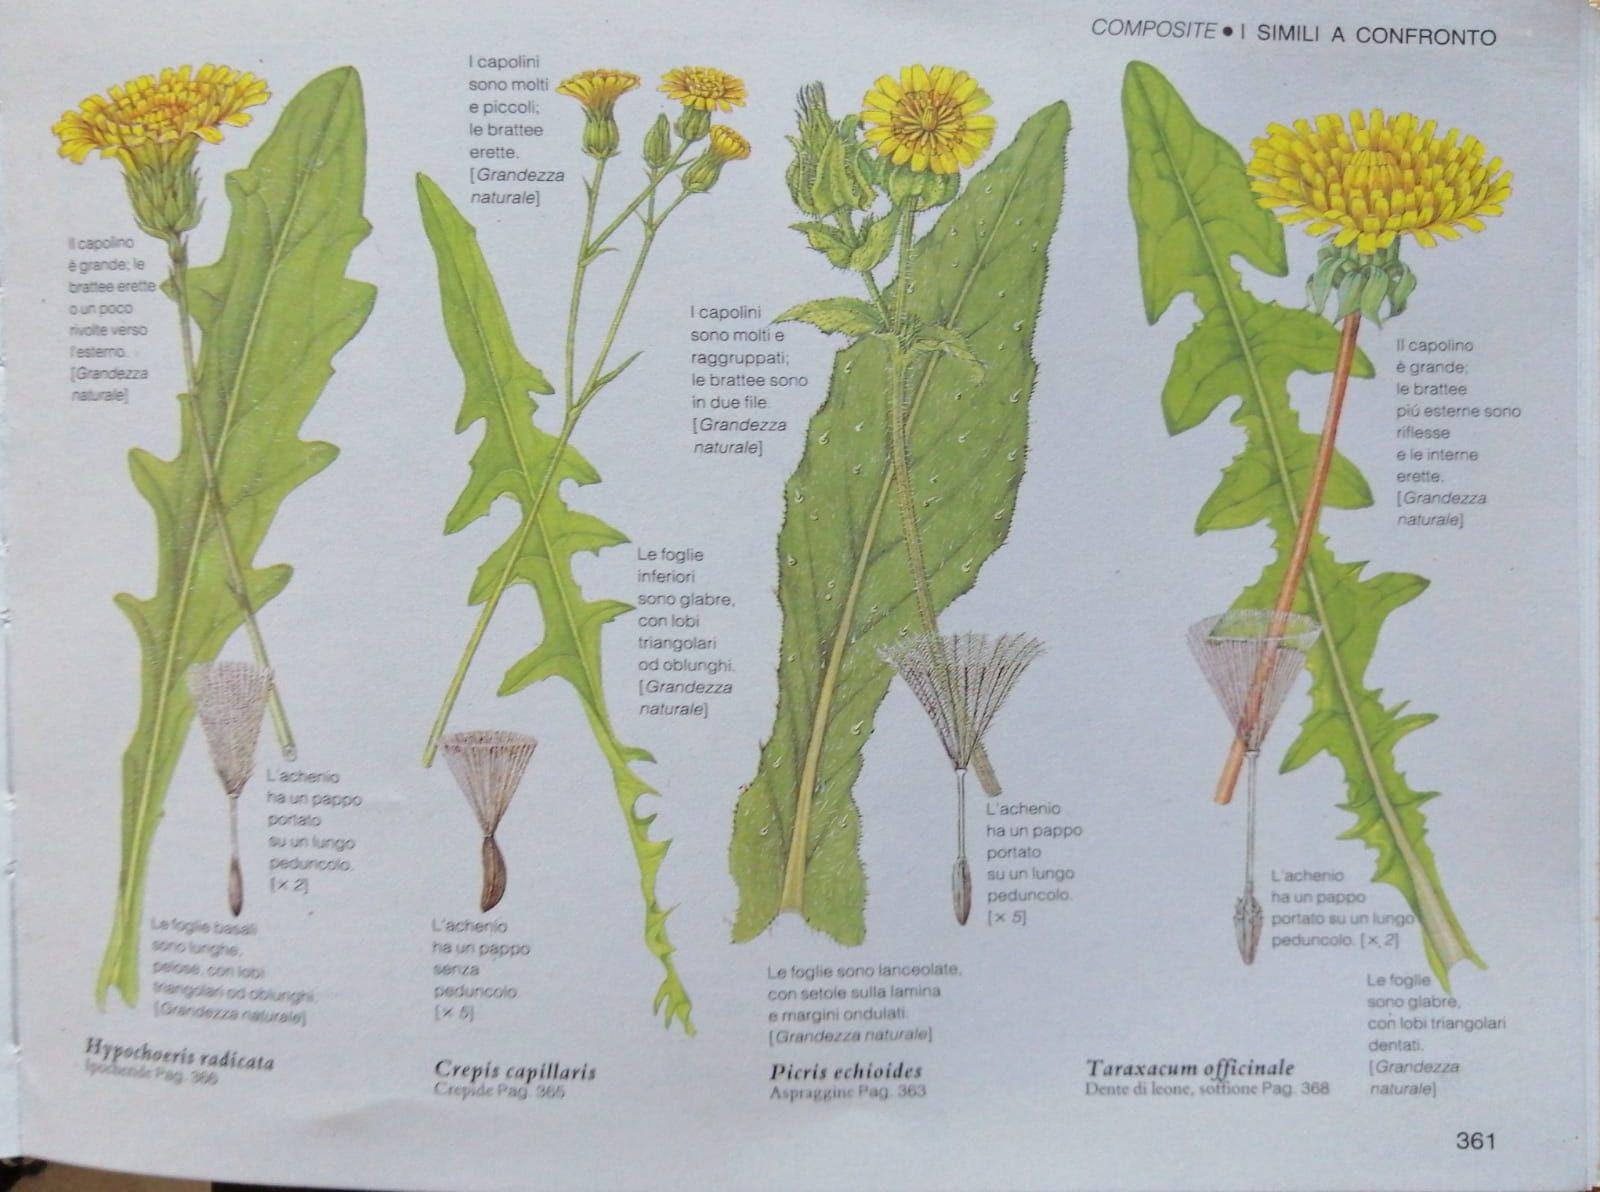 Fiori E Piante Commestibili alla ricerca delle erbe selvatiche - terza parte • forest